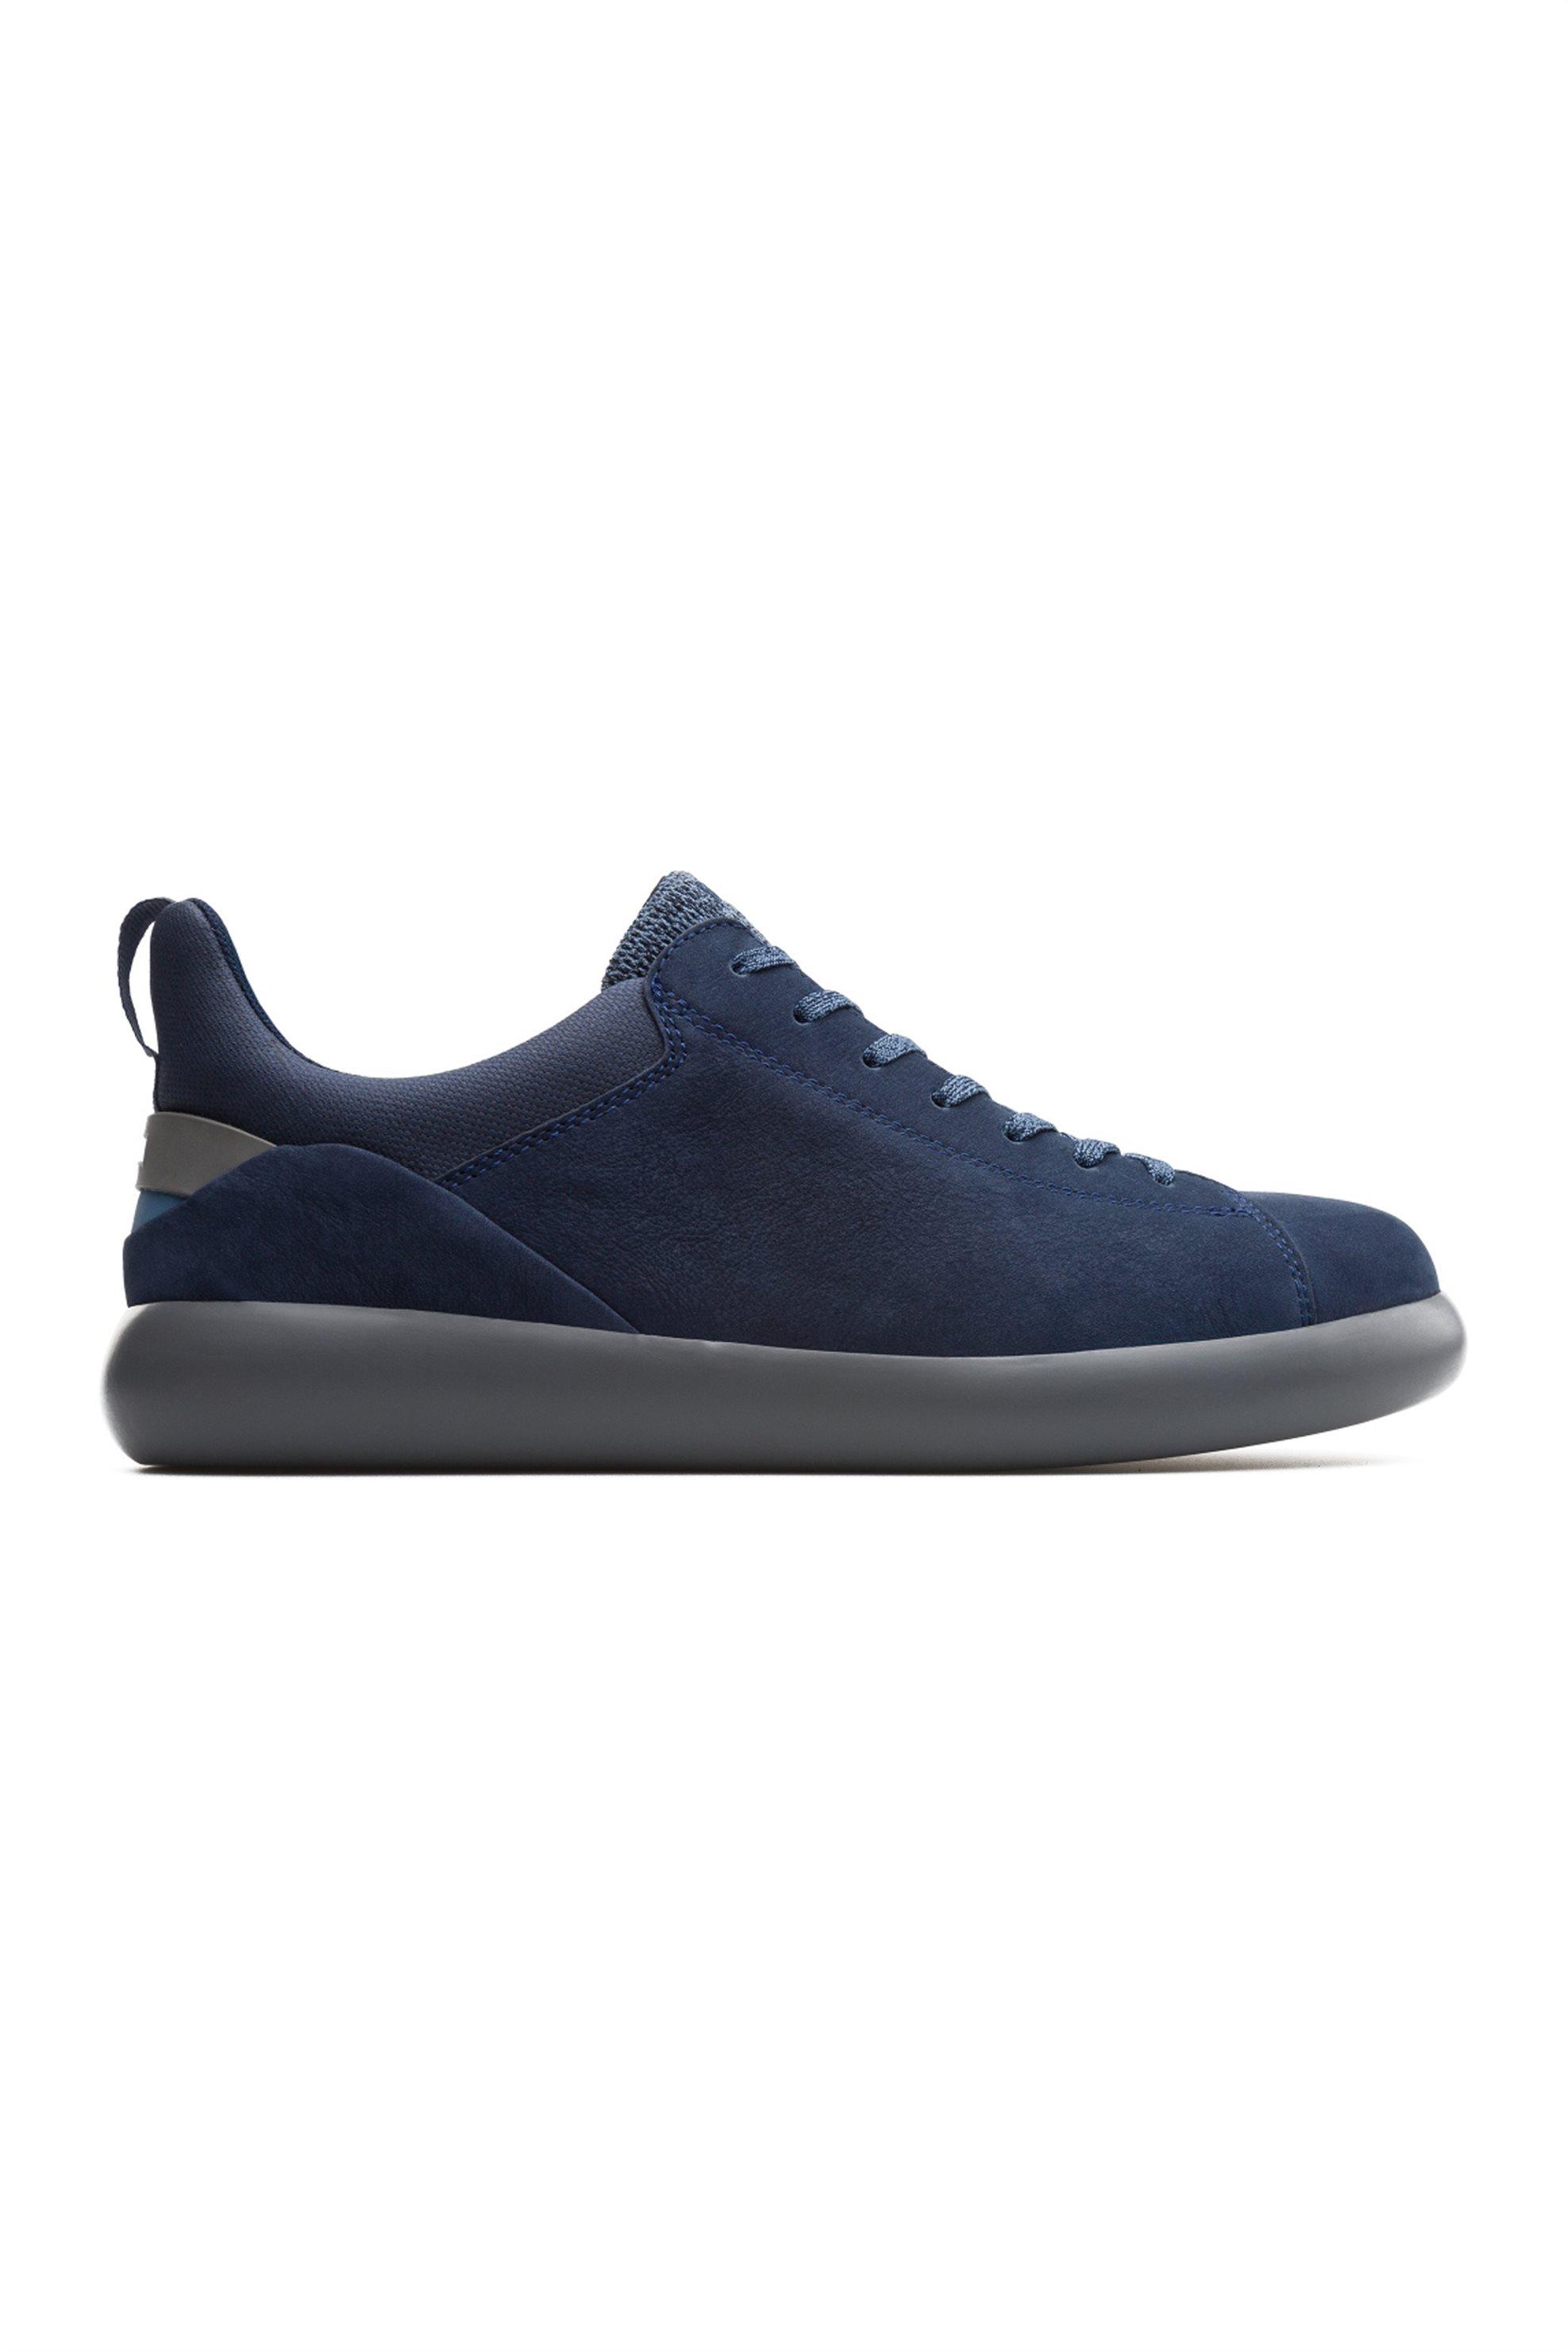 bd67c5c382b4 Notos Camper ανδρικά παπούτσια με κορδόνια σκούρα μπλε Capsule –  K100374-004 – Μπλε Σκούρο